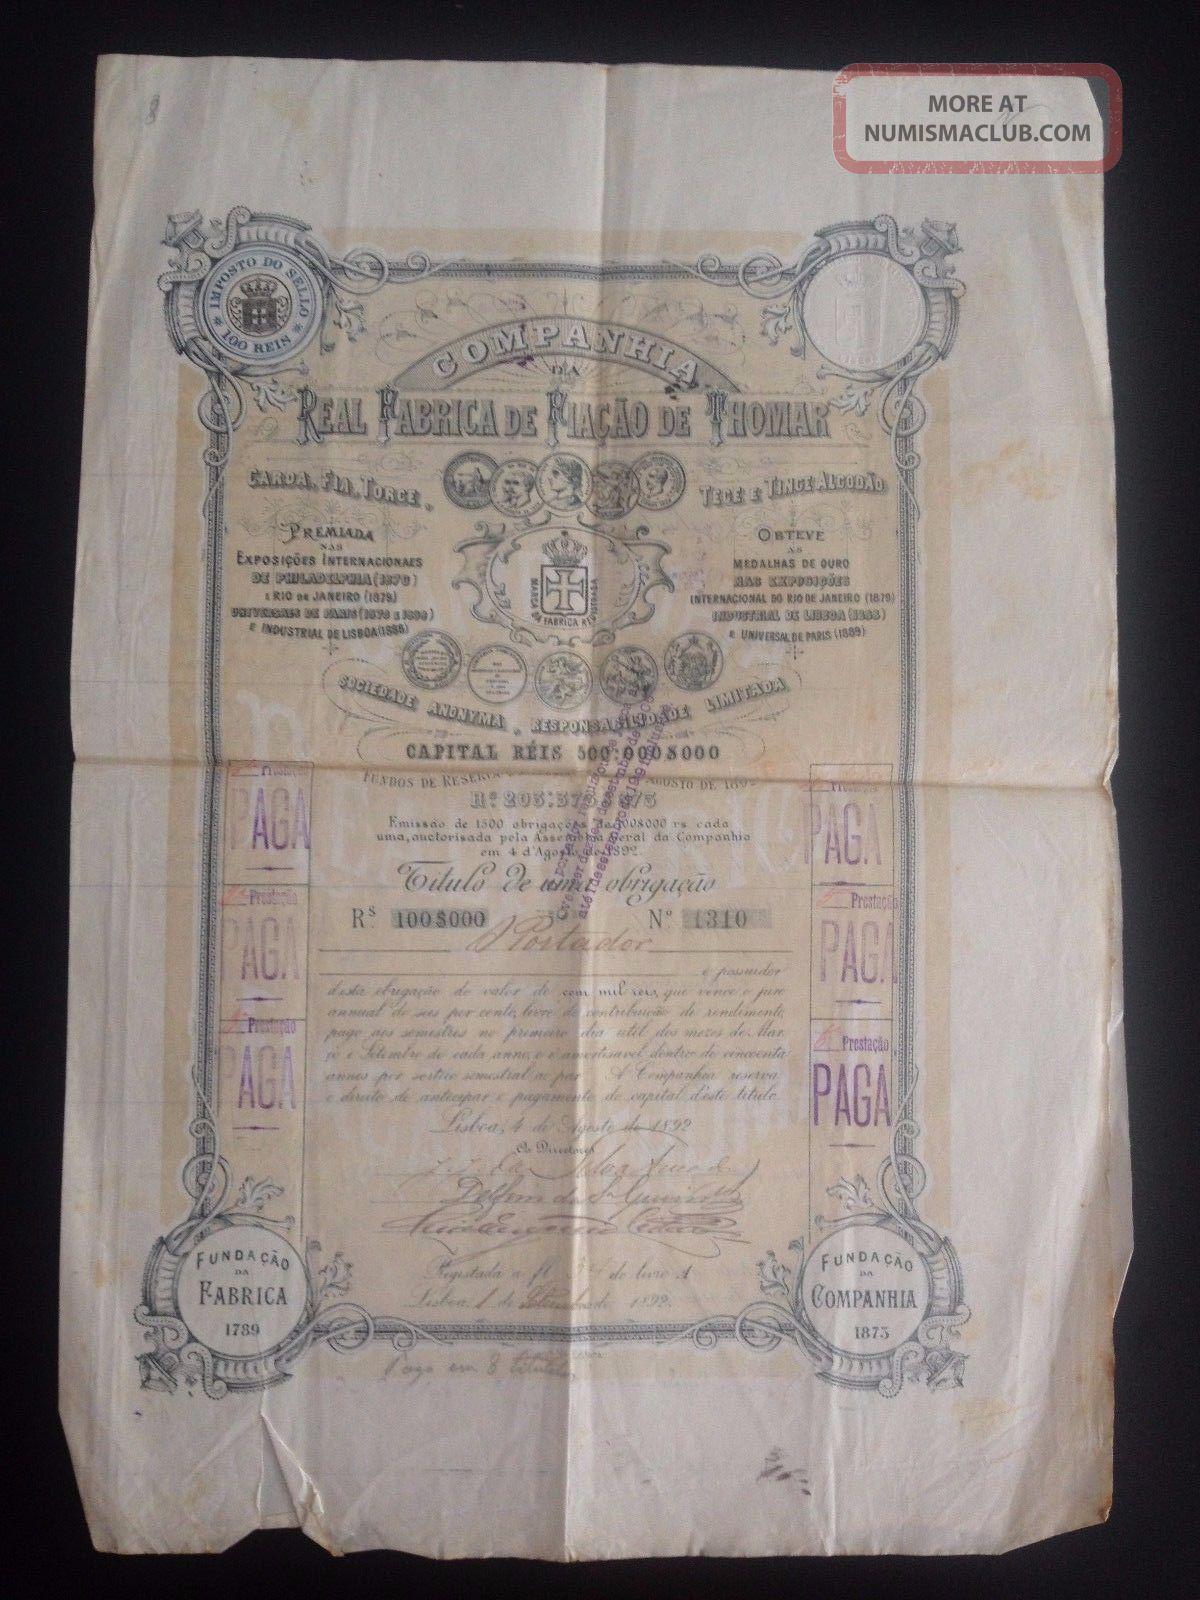 Portuguese Antique Stock Bond Action Portugal Industrial Fabrica FiaÇÃo De Tomar Stocks & Bonds, Scripophily photo